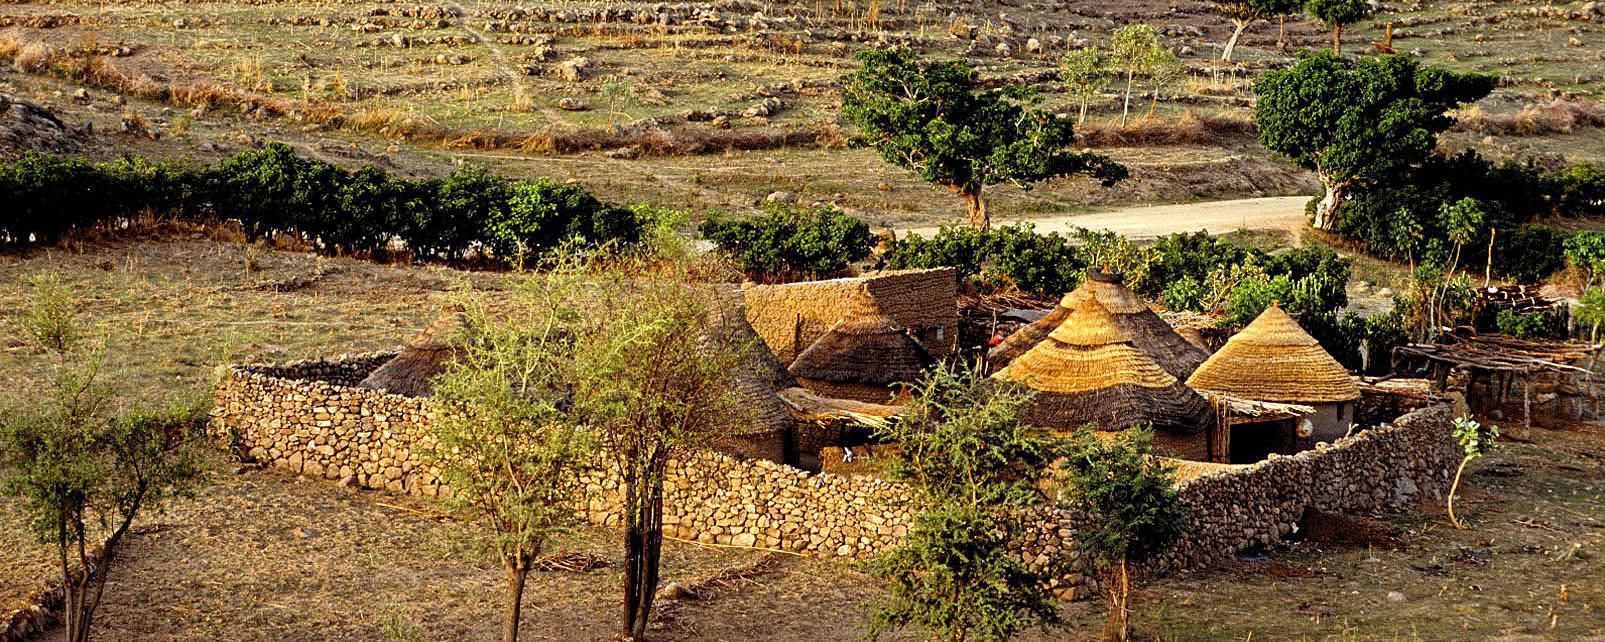 Afrique, Cameroun, village, arbre, végetation, hutte,